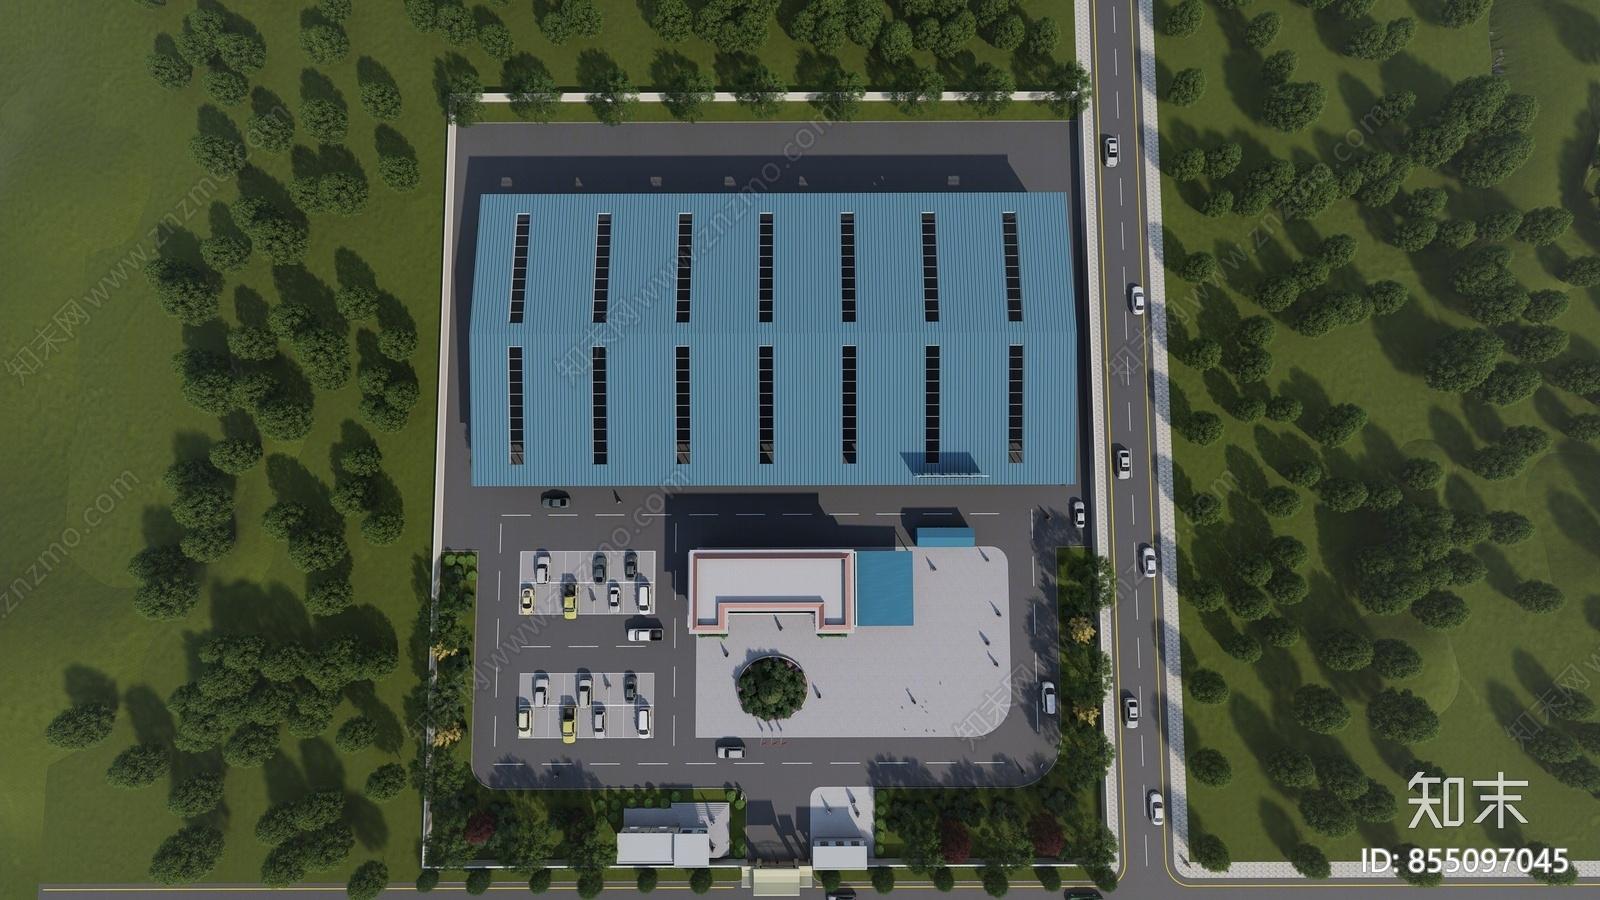 工业风格标准厂房SU模型下载【ID:855097045】